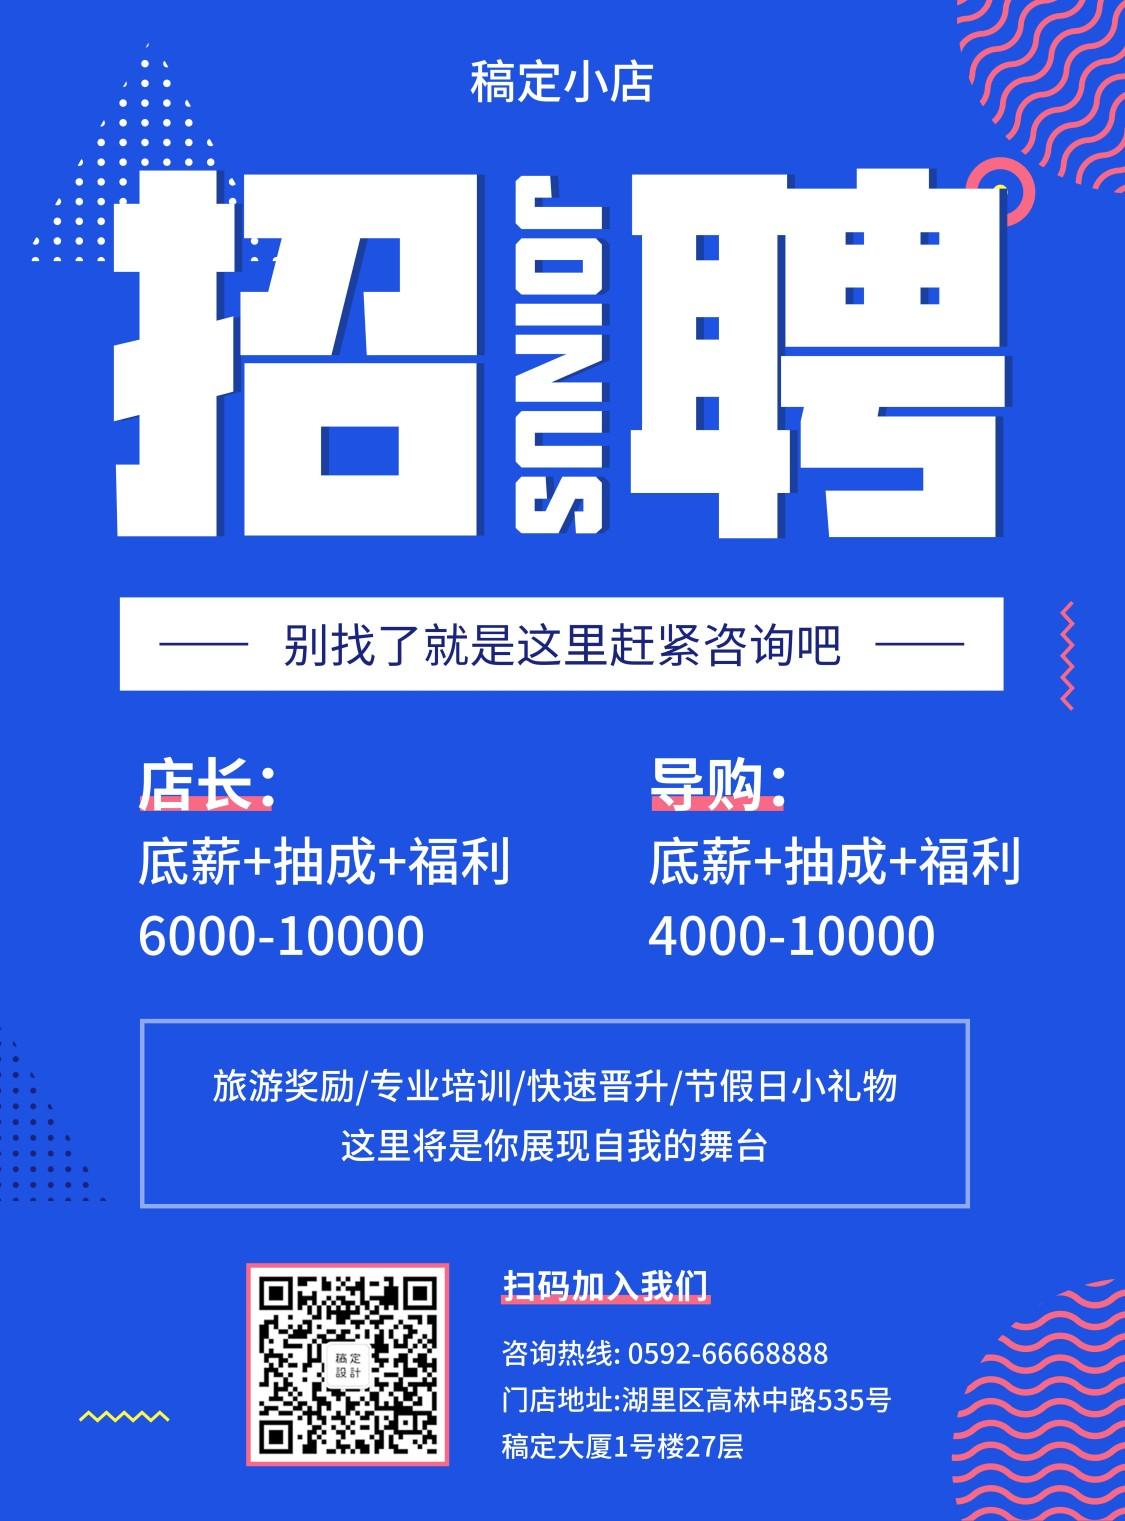 门店招聘/简约清新/张贴海报